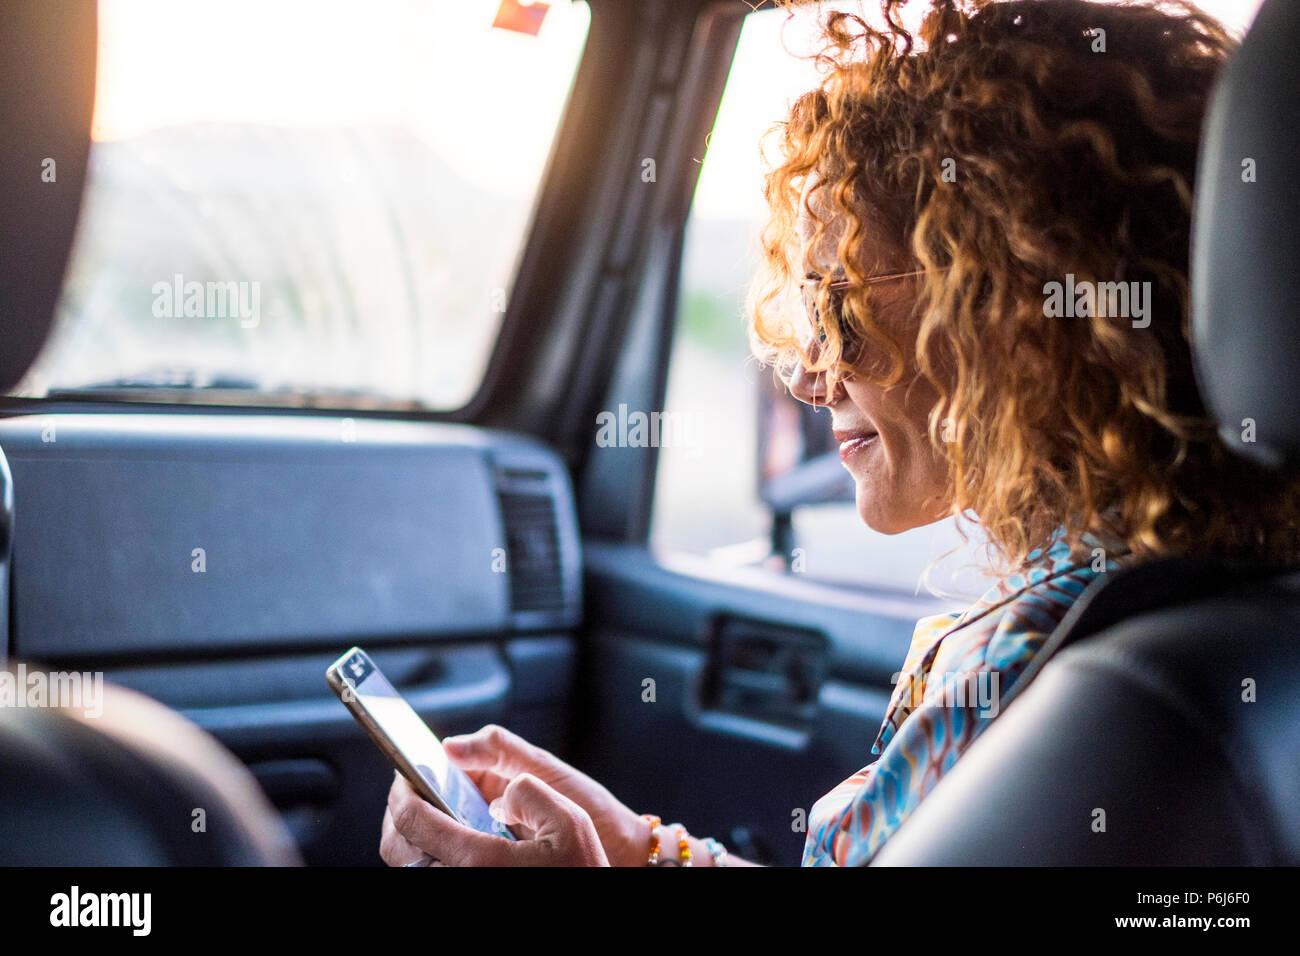 Hermosa dama caucásica edad media watch smartphone para controlar los medios sociales en Internet y encontrar amigos. leer mensajes utilizando la tecnología wifi mientras tra Imagen De Stock